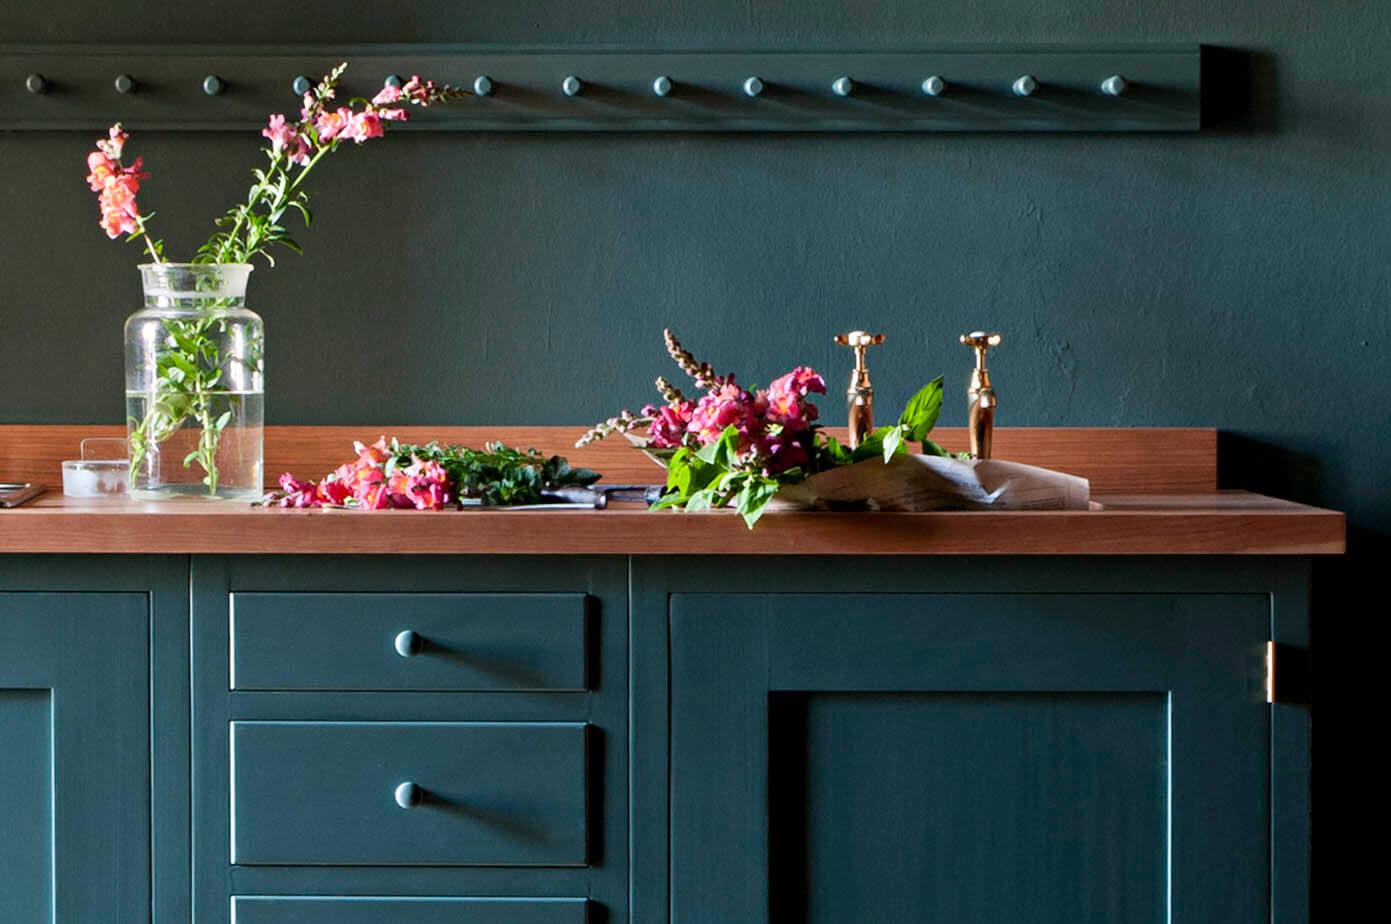 La cucina in stile shaker for Cucina in stile prateria